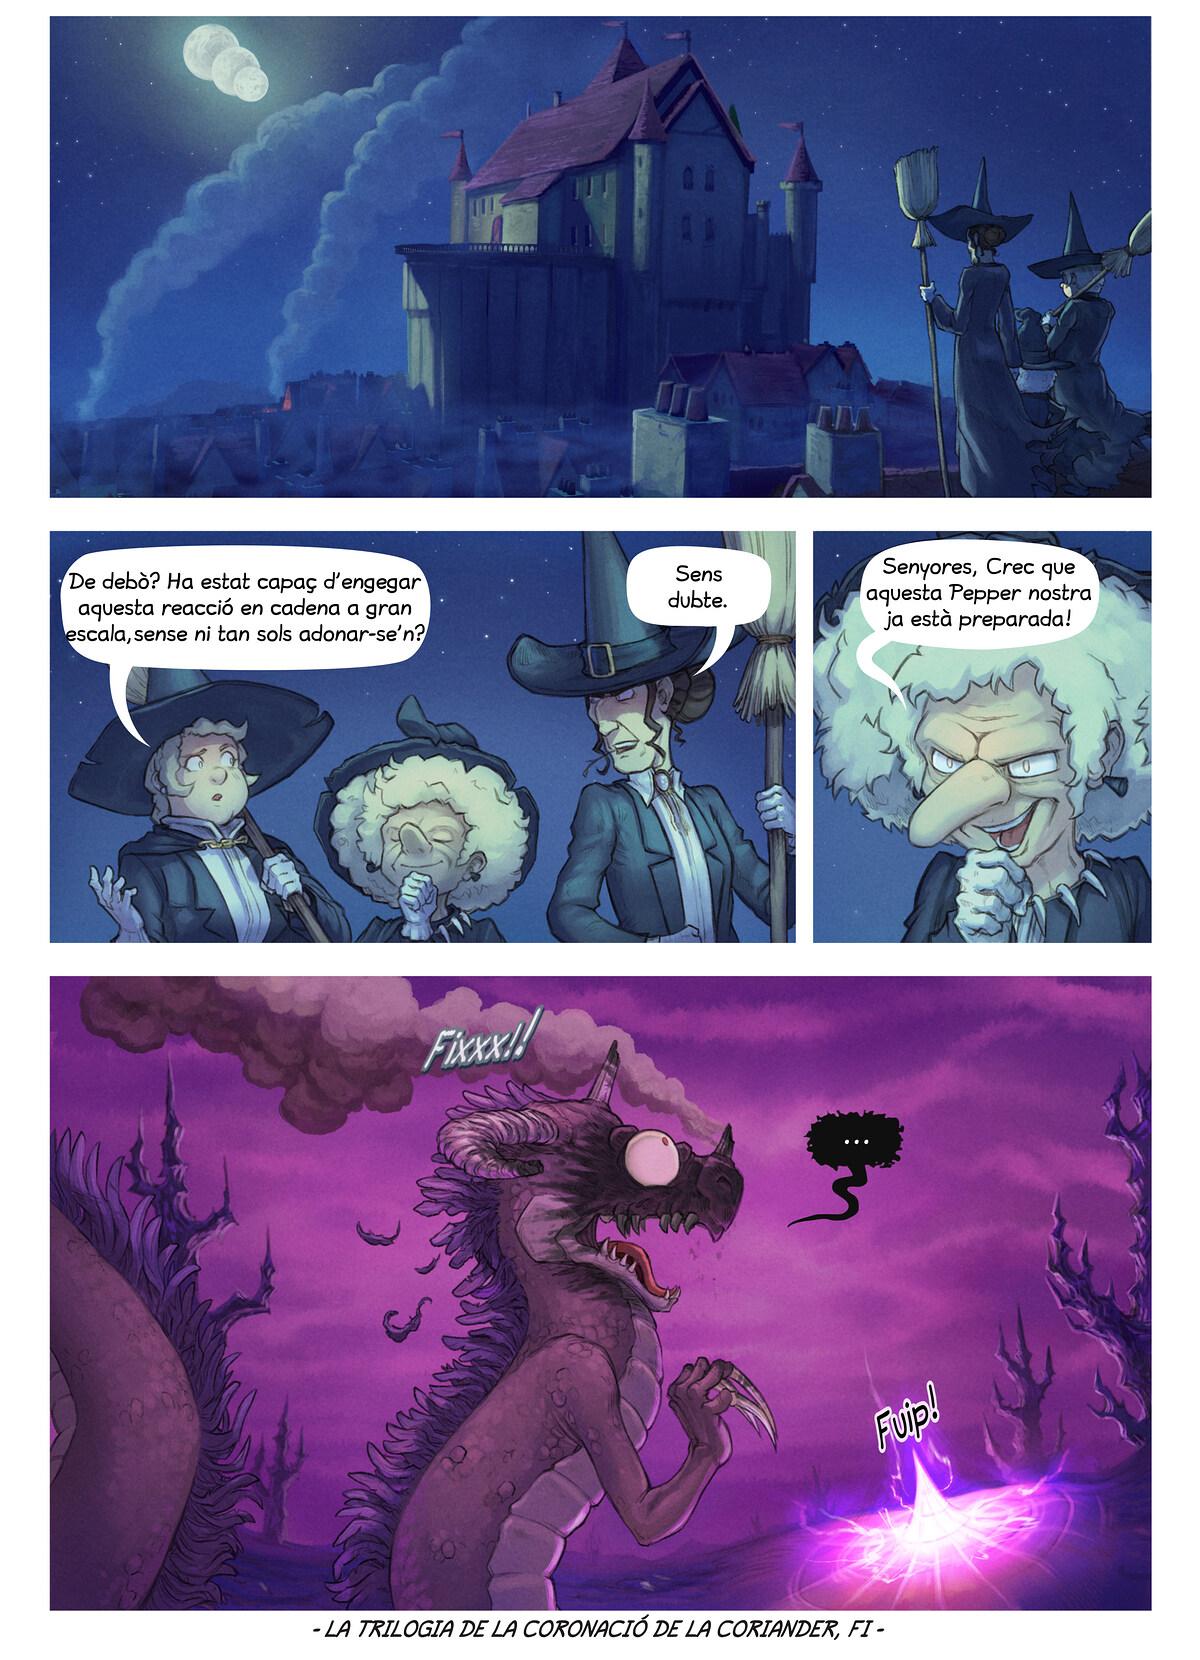 A webcomic page of Pepper&Carrot, episodi 29 [ca], pàgina 8